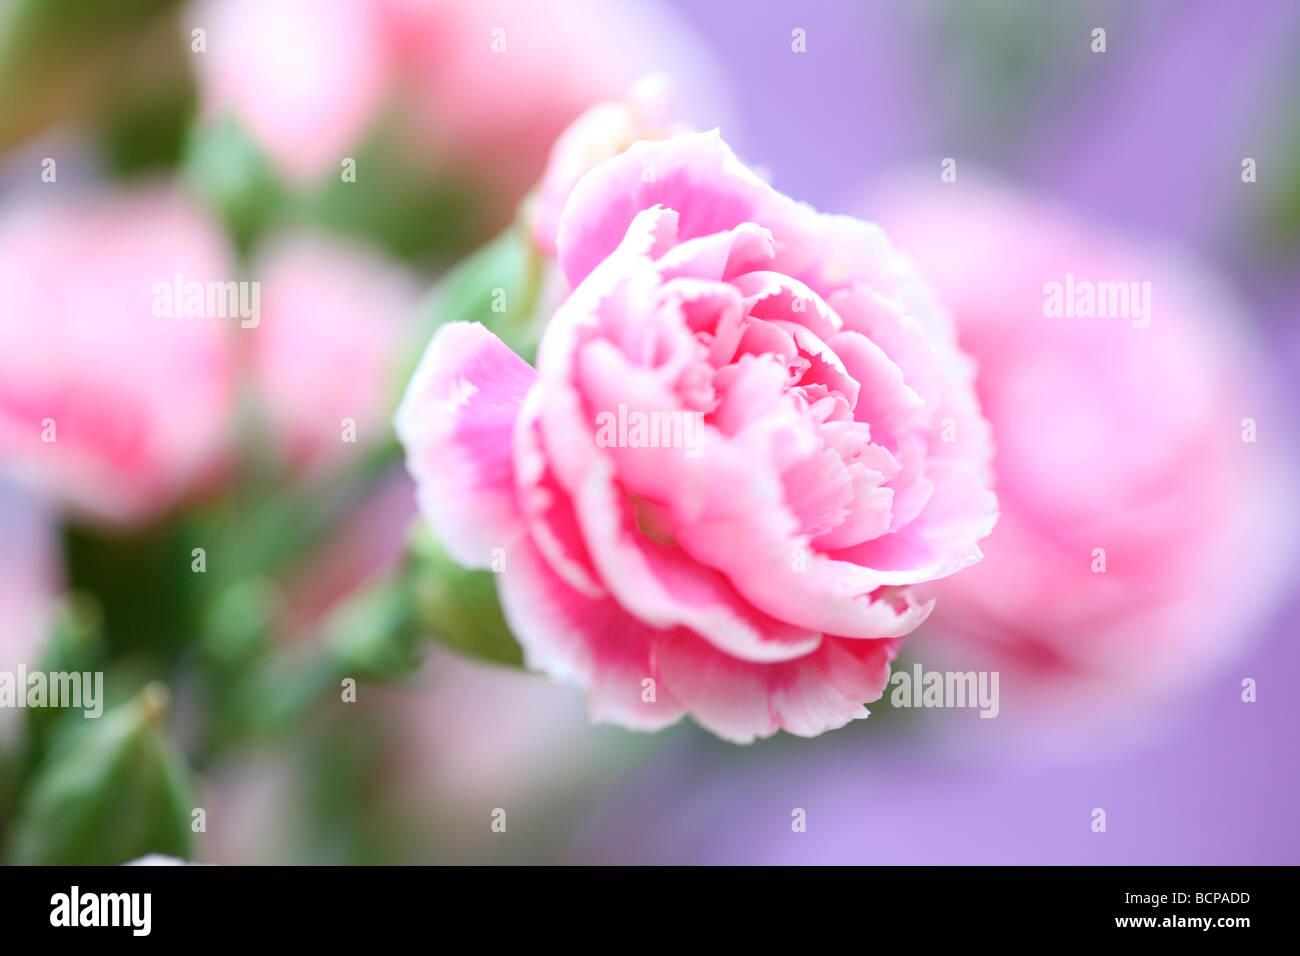 Garofani rosa su uno sfondo di malva arte fotografia Jane Ann Butler JABP Fotografia362 Immagini Stock